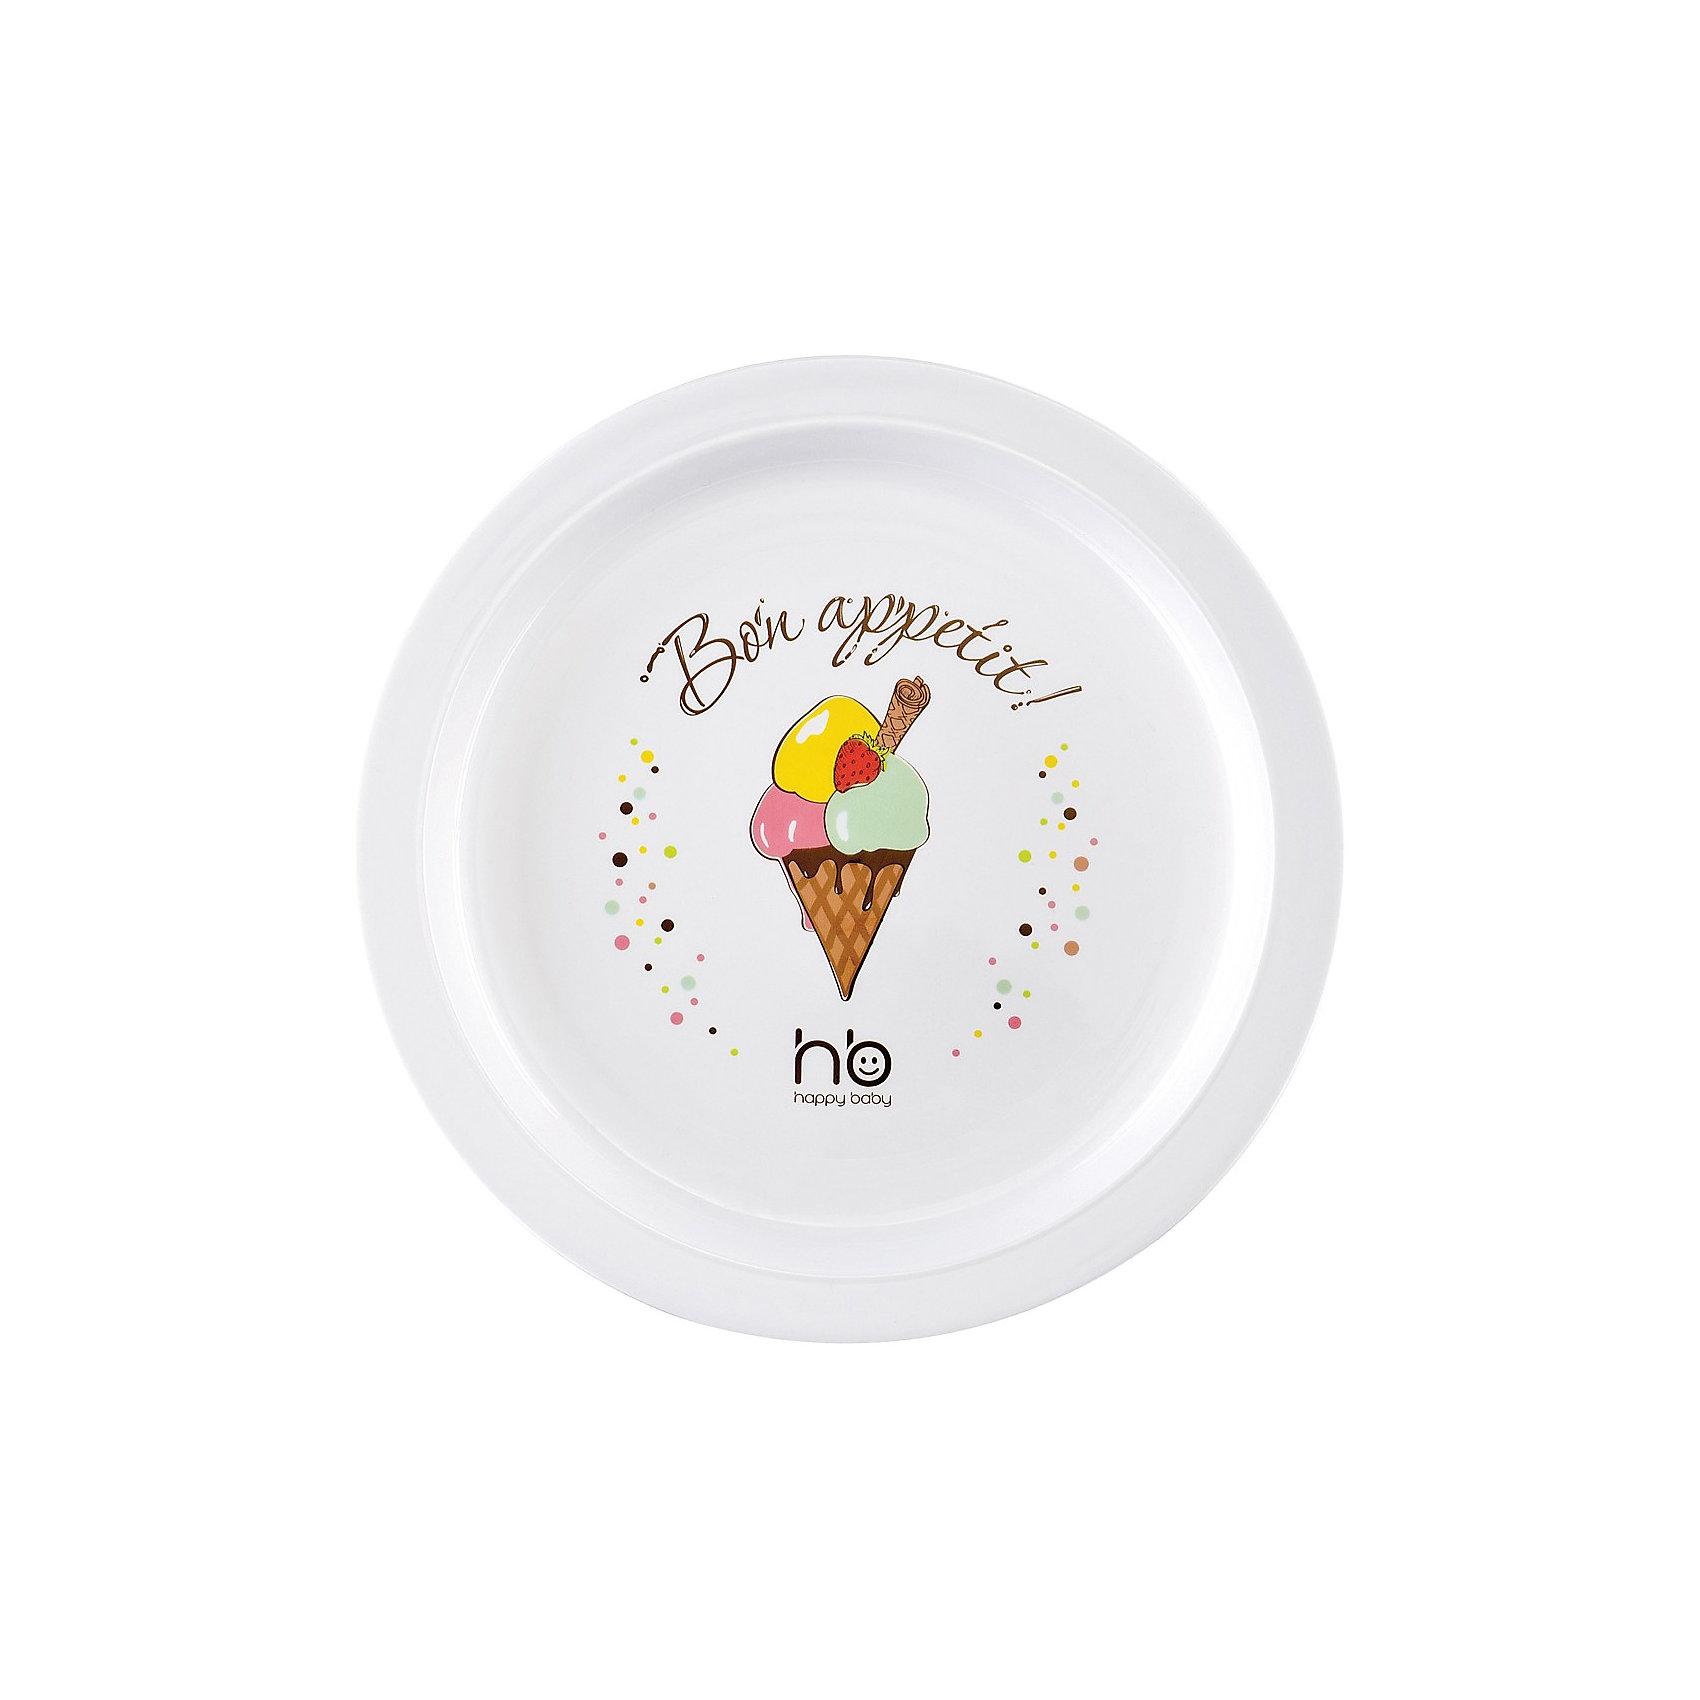 Тарелка CHILDREN`S PLATE, Happy Baby, мороженоеДетская тарелка CHILDREN`S PLATE, Happy Baby (Хэппи Бэби), мороженое - приучает малыша есть из посуды для взрослых.<br>Оригинальный дизайн детской тарелки Childrens plate   с изображением любимого лакомства детей - мороженого, только поднимет аппетит ребенка. Изготовлена тарелка из безопасного материала. Тарелка удароустойчива - не бьется при случайном падении.<br><br>Дополнительная информация:<br><br>- Материал: полипропилен<br><br>Детскую тарелку CHILDREN`S PLATE, Happy Baby (Хэппи Бэби), мороженое можно купить в нашем интернет-магазине.<br><br>Ширина мм: 290<br>Глубина мм: 240<br>Высота мм: 265<br>Вес г: 200<br>Возраст от месяцев: 6<br>Возраст до месяцев: 36<br>Пол: Унисекс<br>Возраст: Детский<br>SKU: 3564195